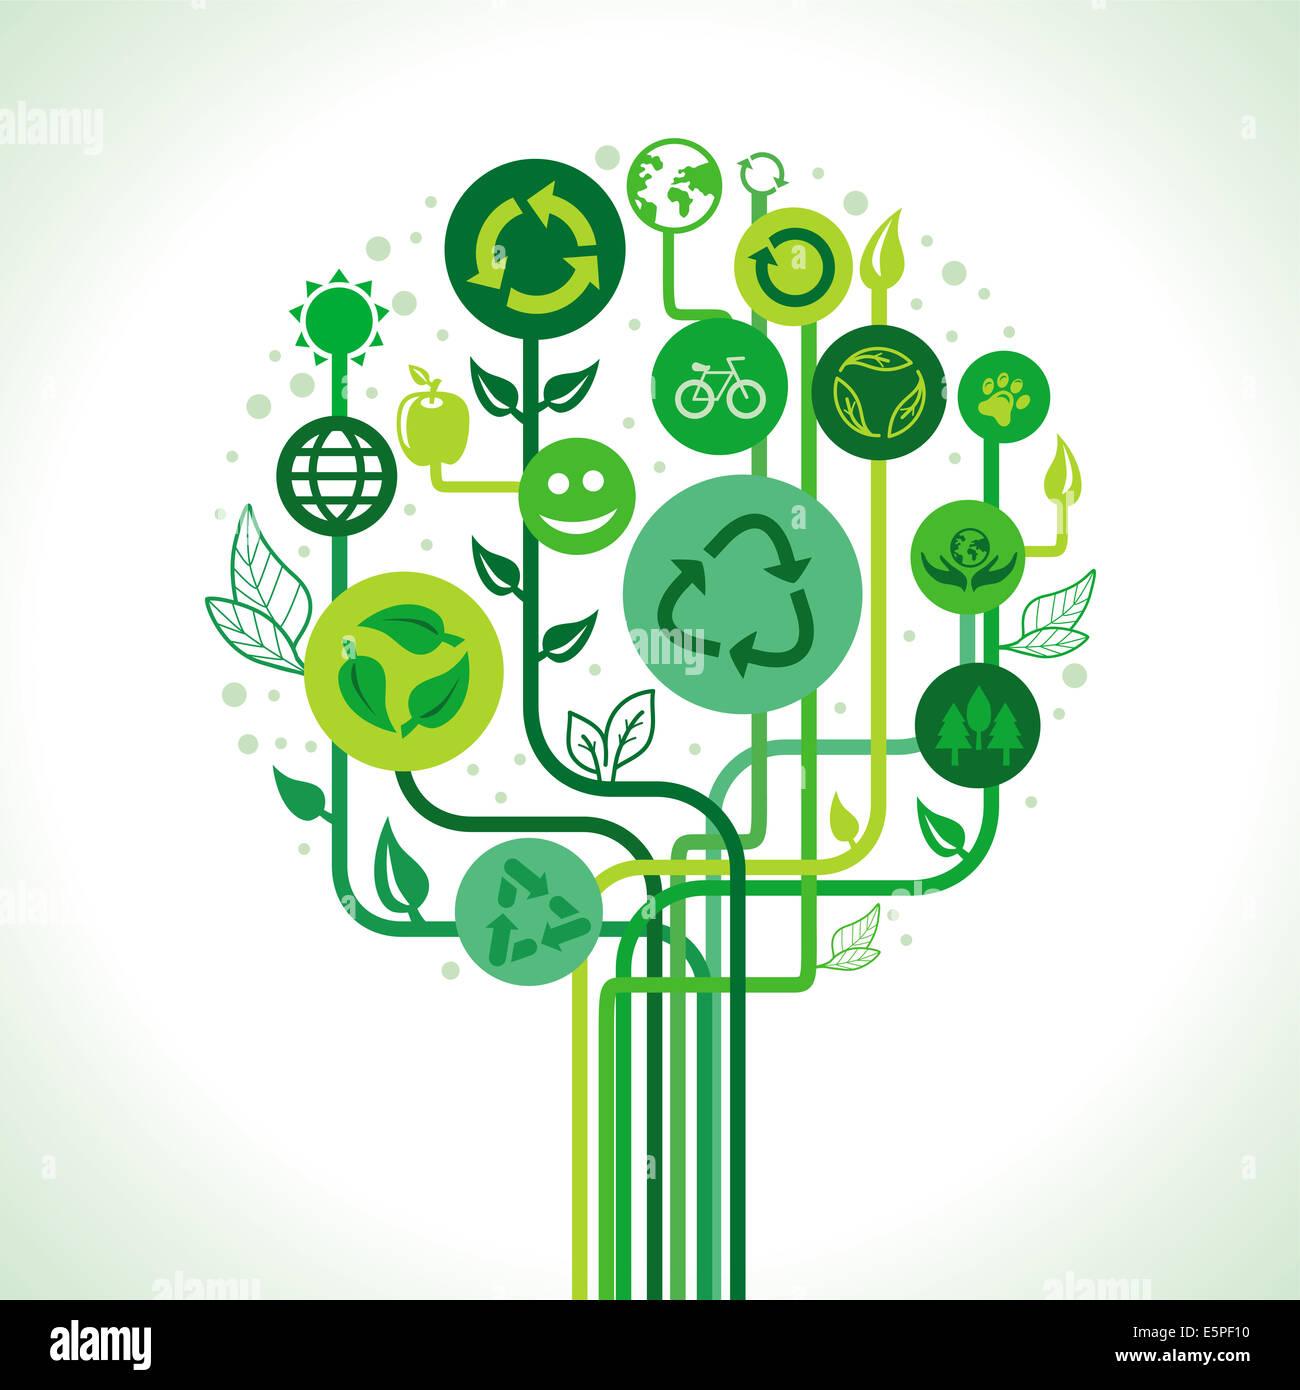 Concepto de ecología - abstracto árbol verde con signos y símbolos de reciclaje Imagen De Stock